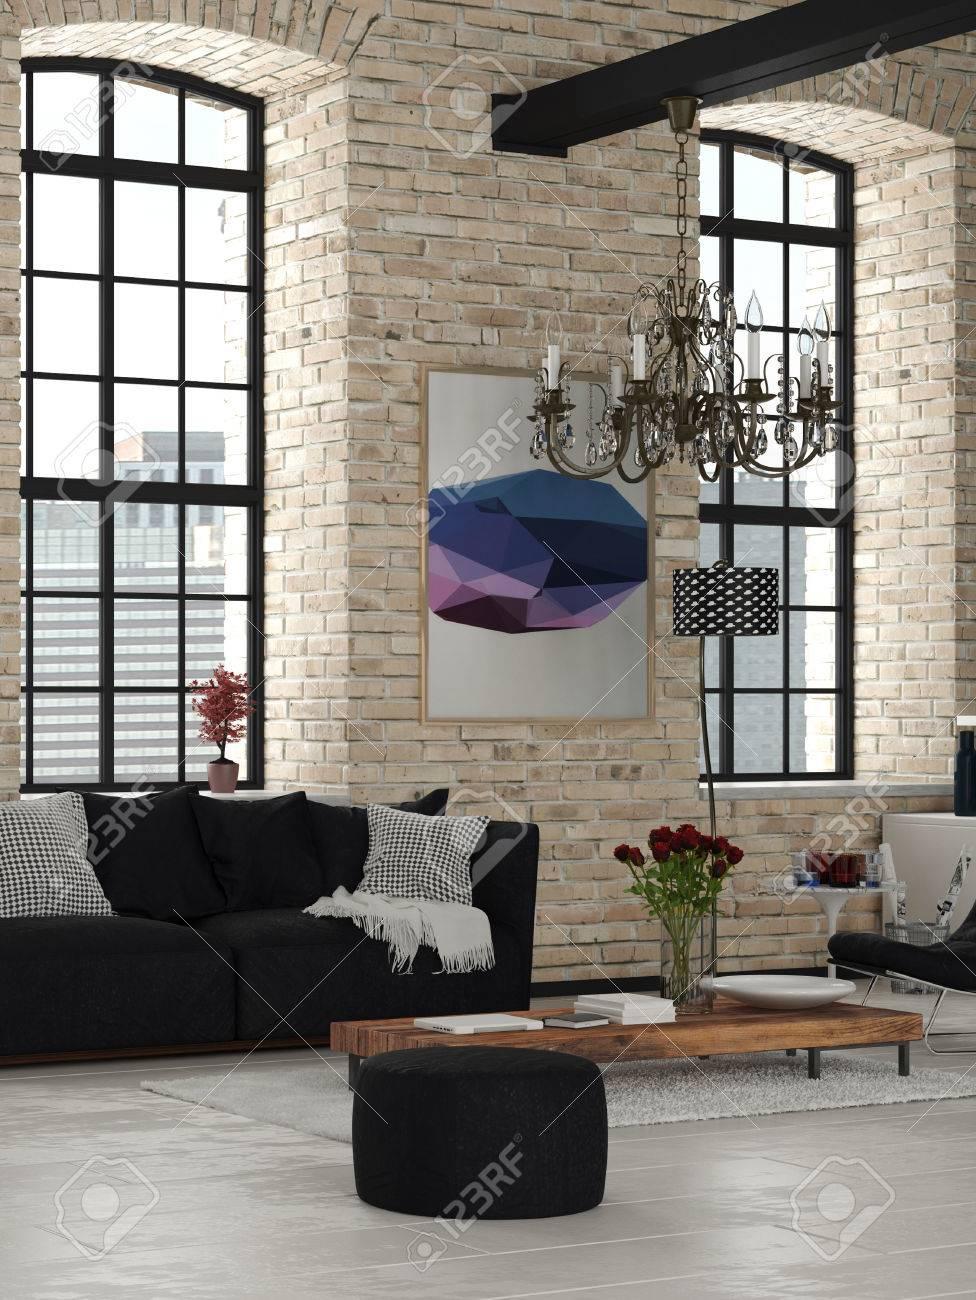 Design élégant salon avec Chandelier intérieur d\'une maison d\'architecture,  Érigé avec noir et blanc et des meubles en bois.